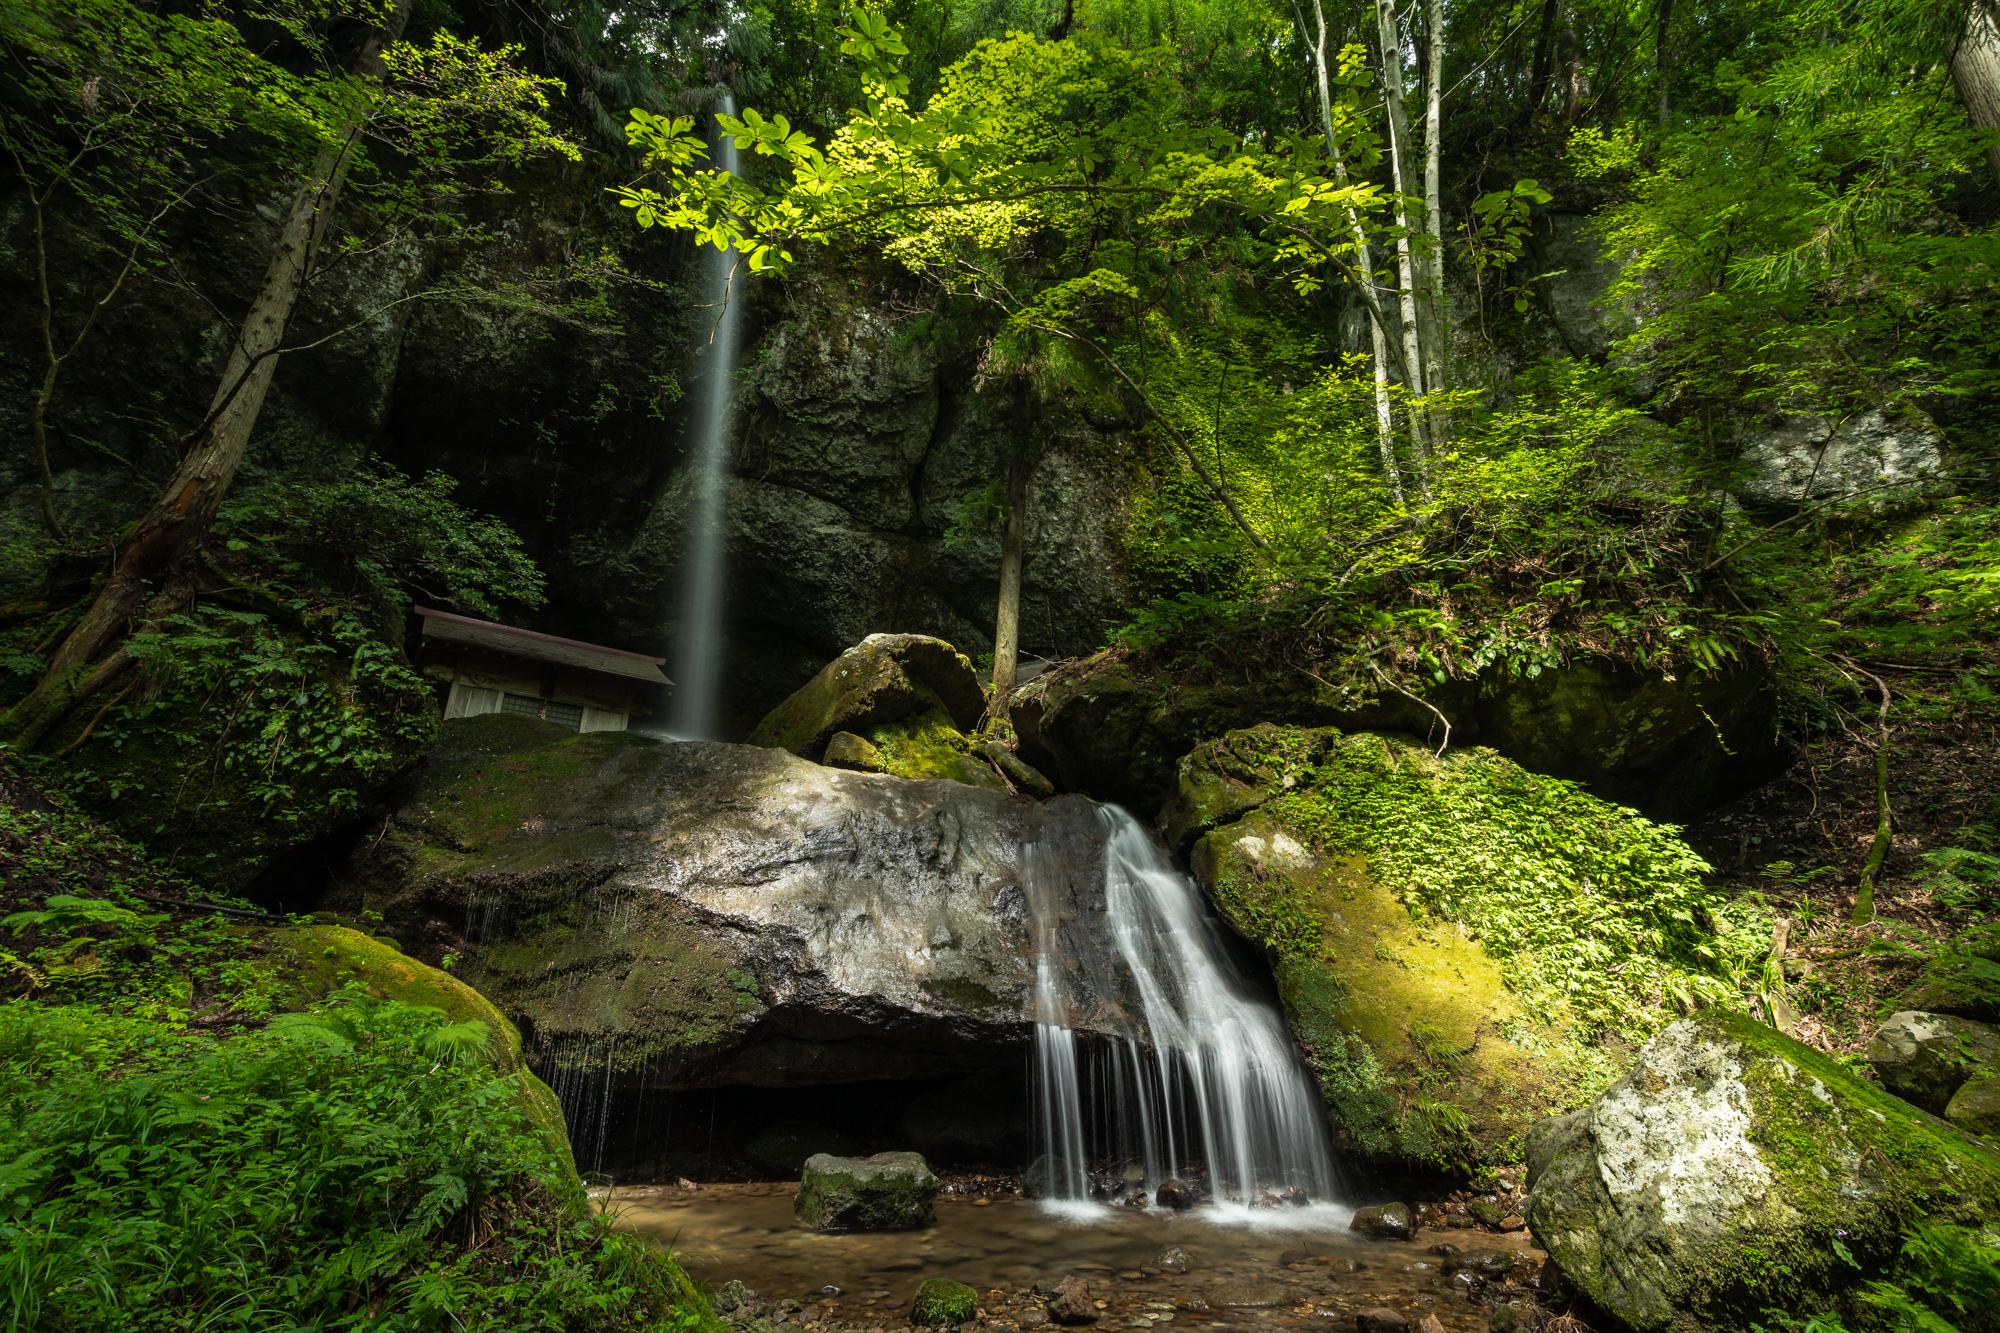 DSC01014 兵庫県   吉滝 (駐車場から徒歩約5分!  関西・近畿・兵庫県の滝スポット! アクセス情報や撮影ポイントなど!)